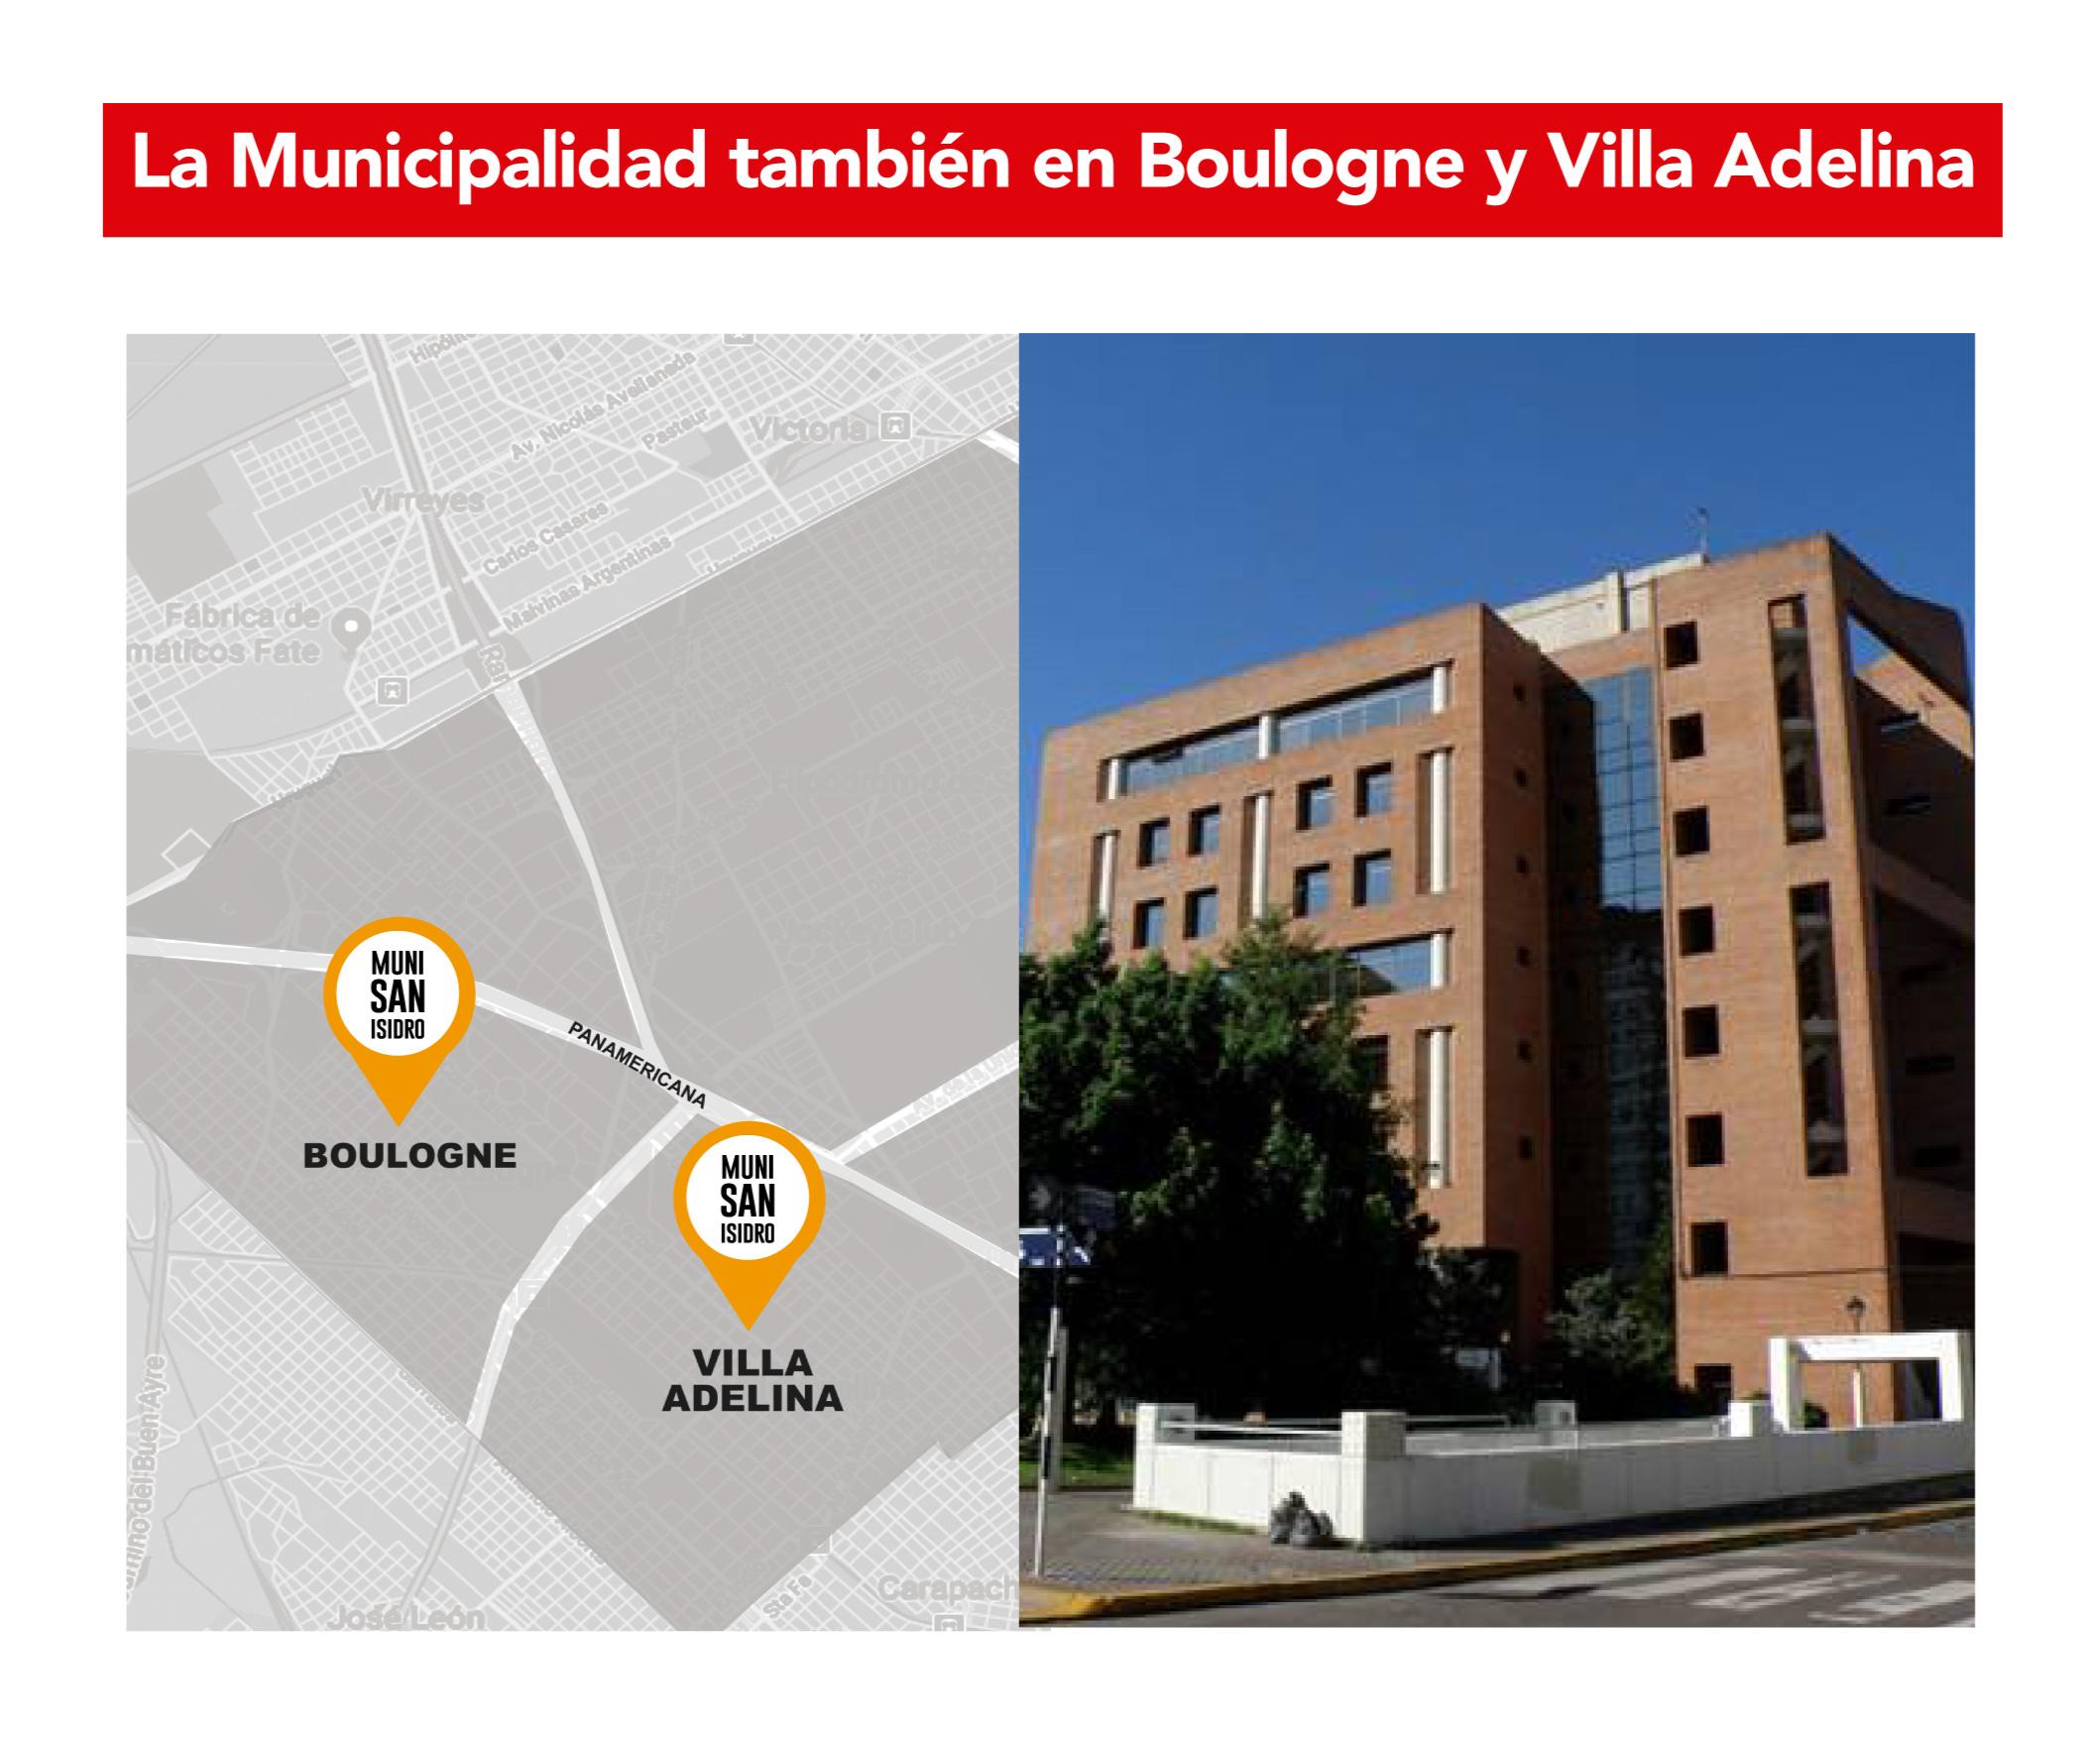 Sede de la Municipalidad para Boulogne y Villa Adelina